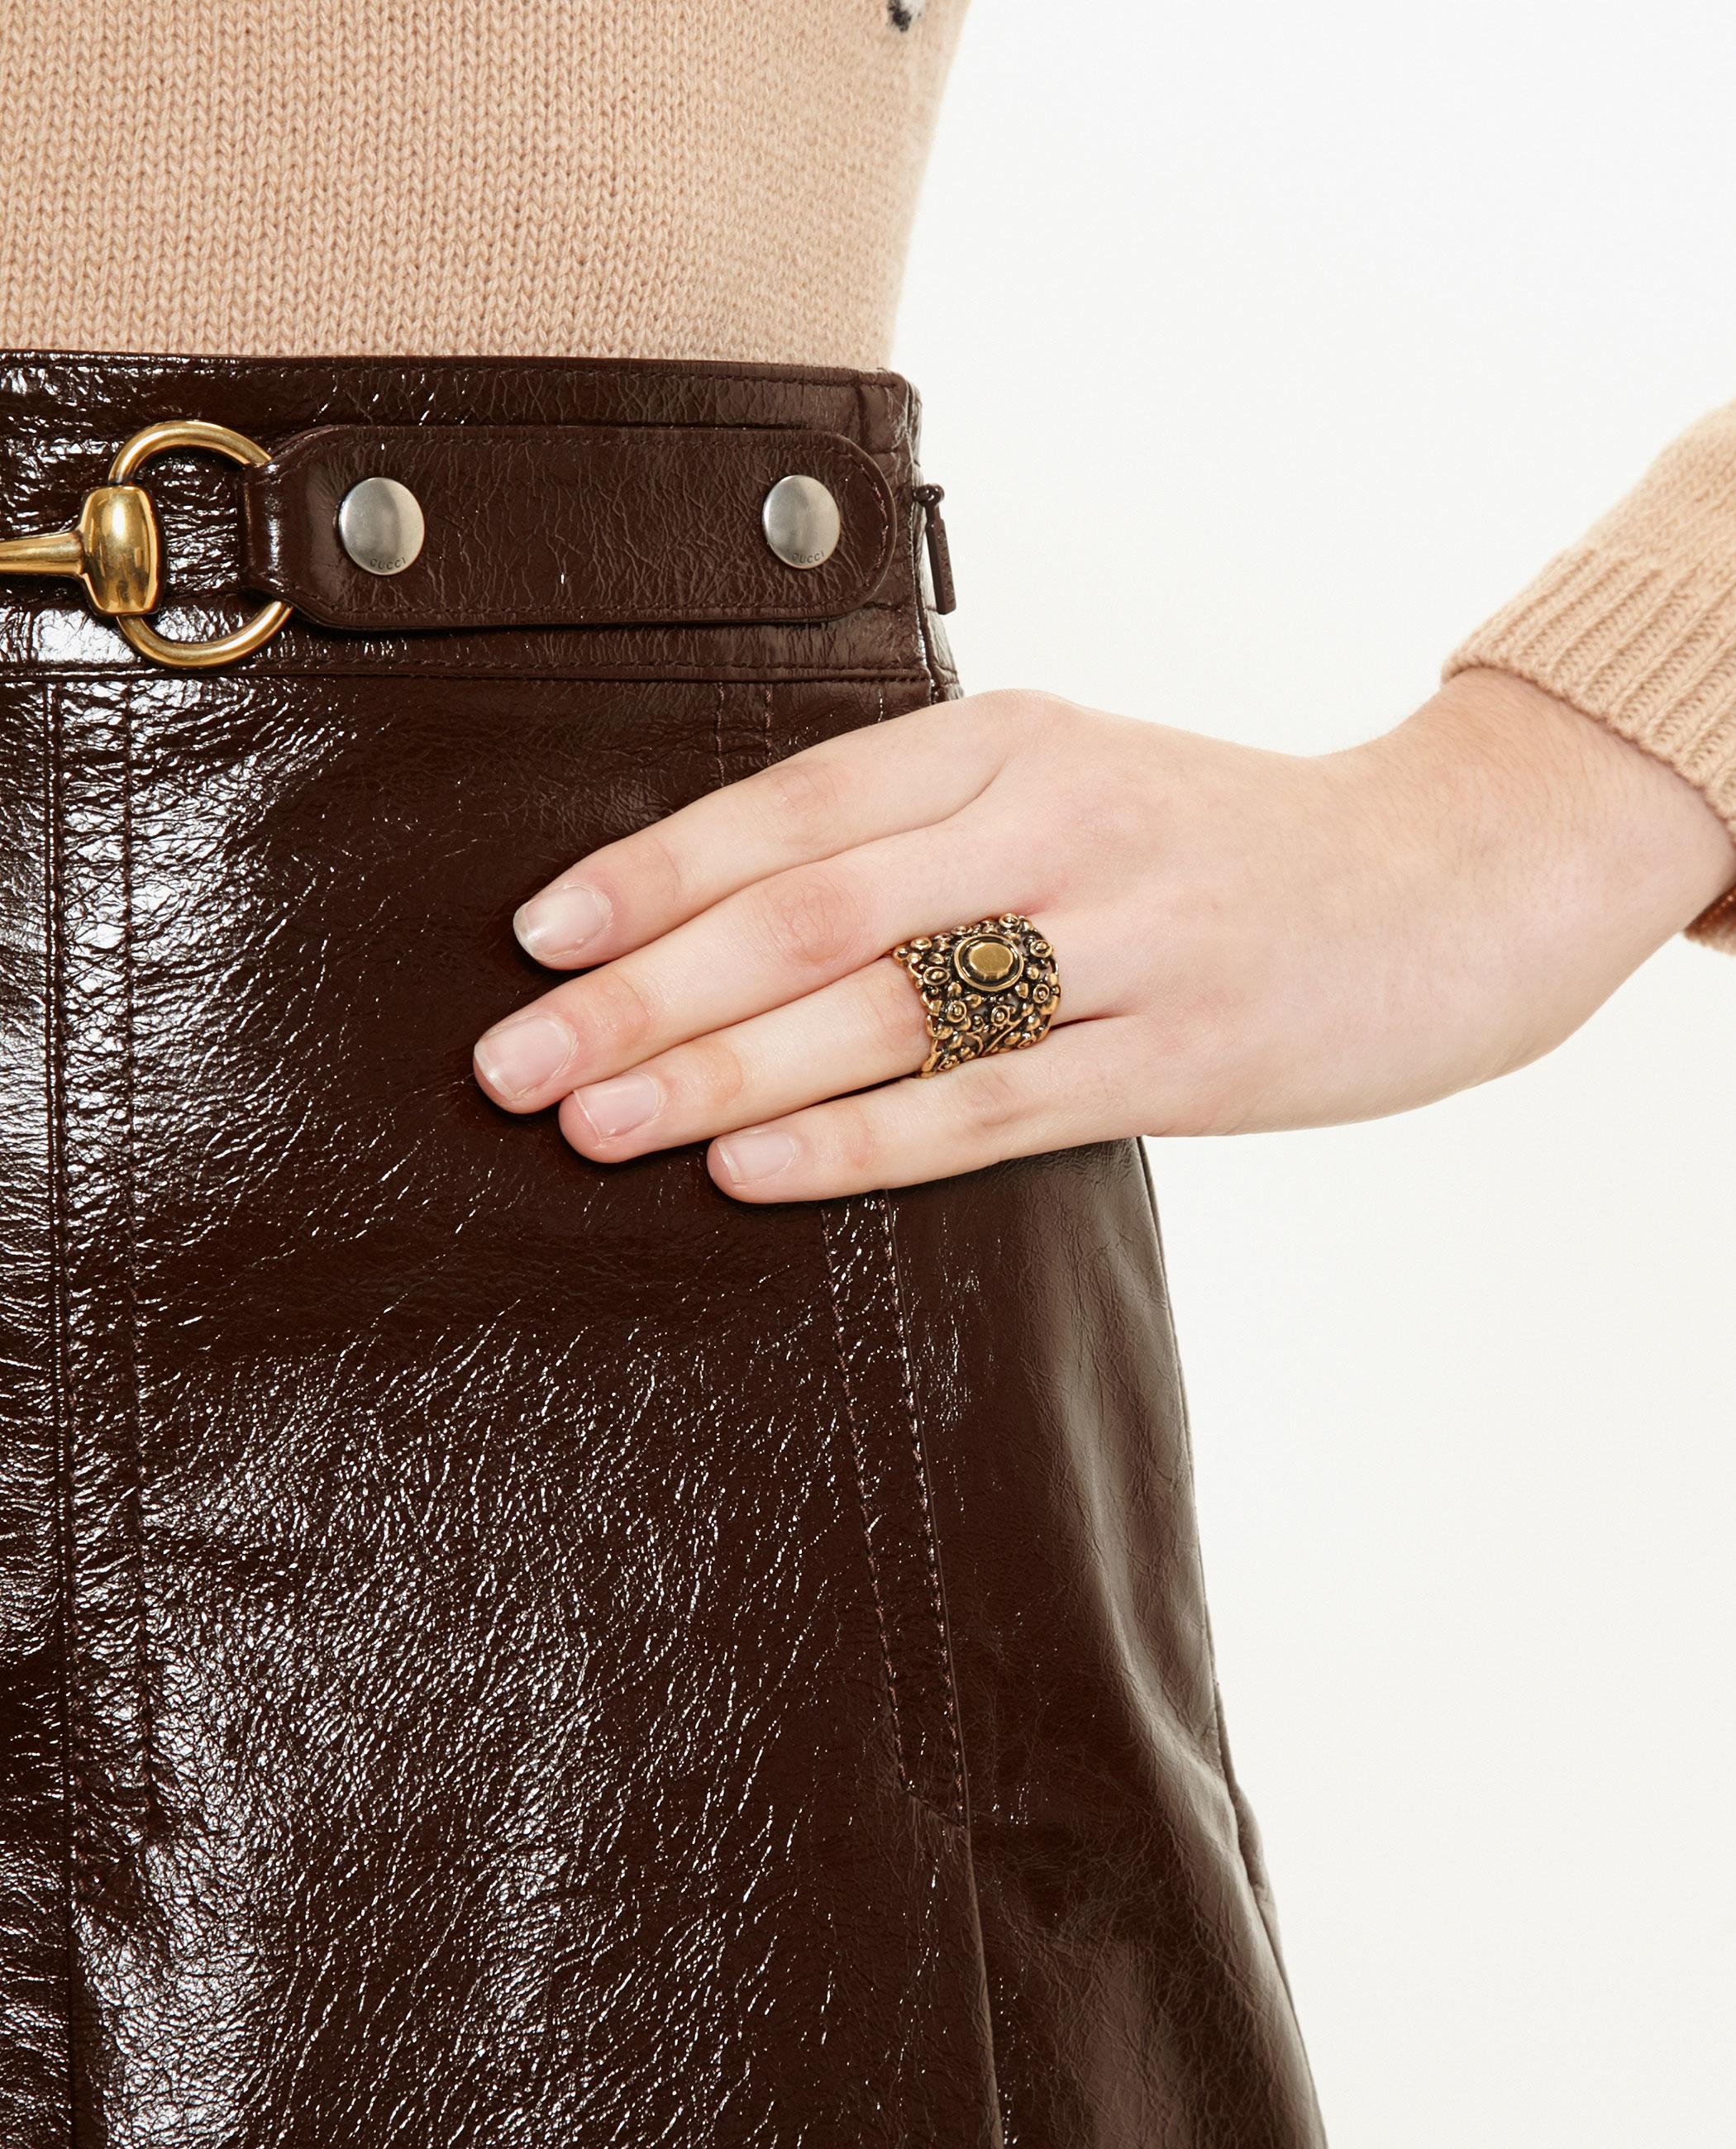 aeb7088da74f24 Lyst - Gucci Antique Gold Ring in Metallic